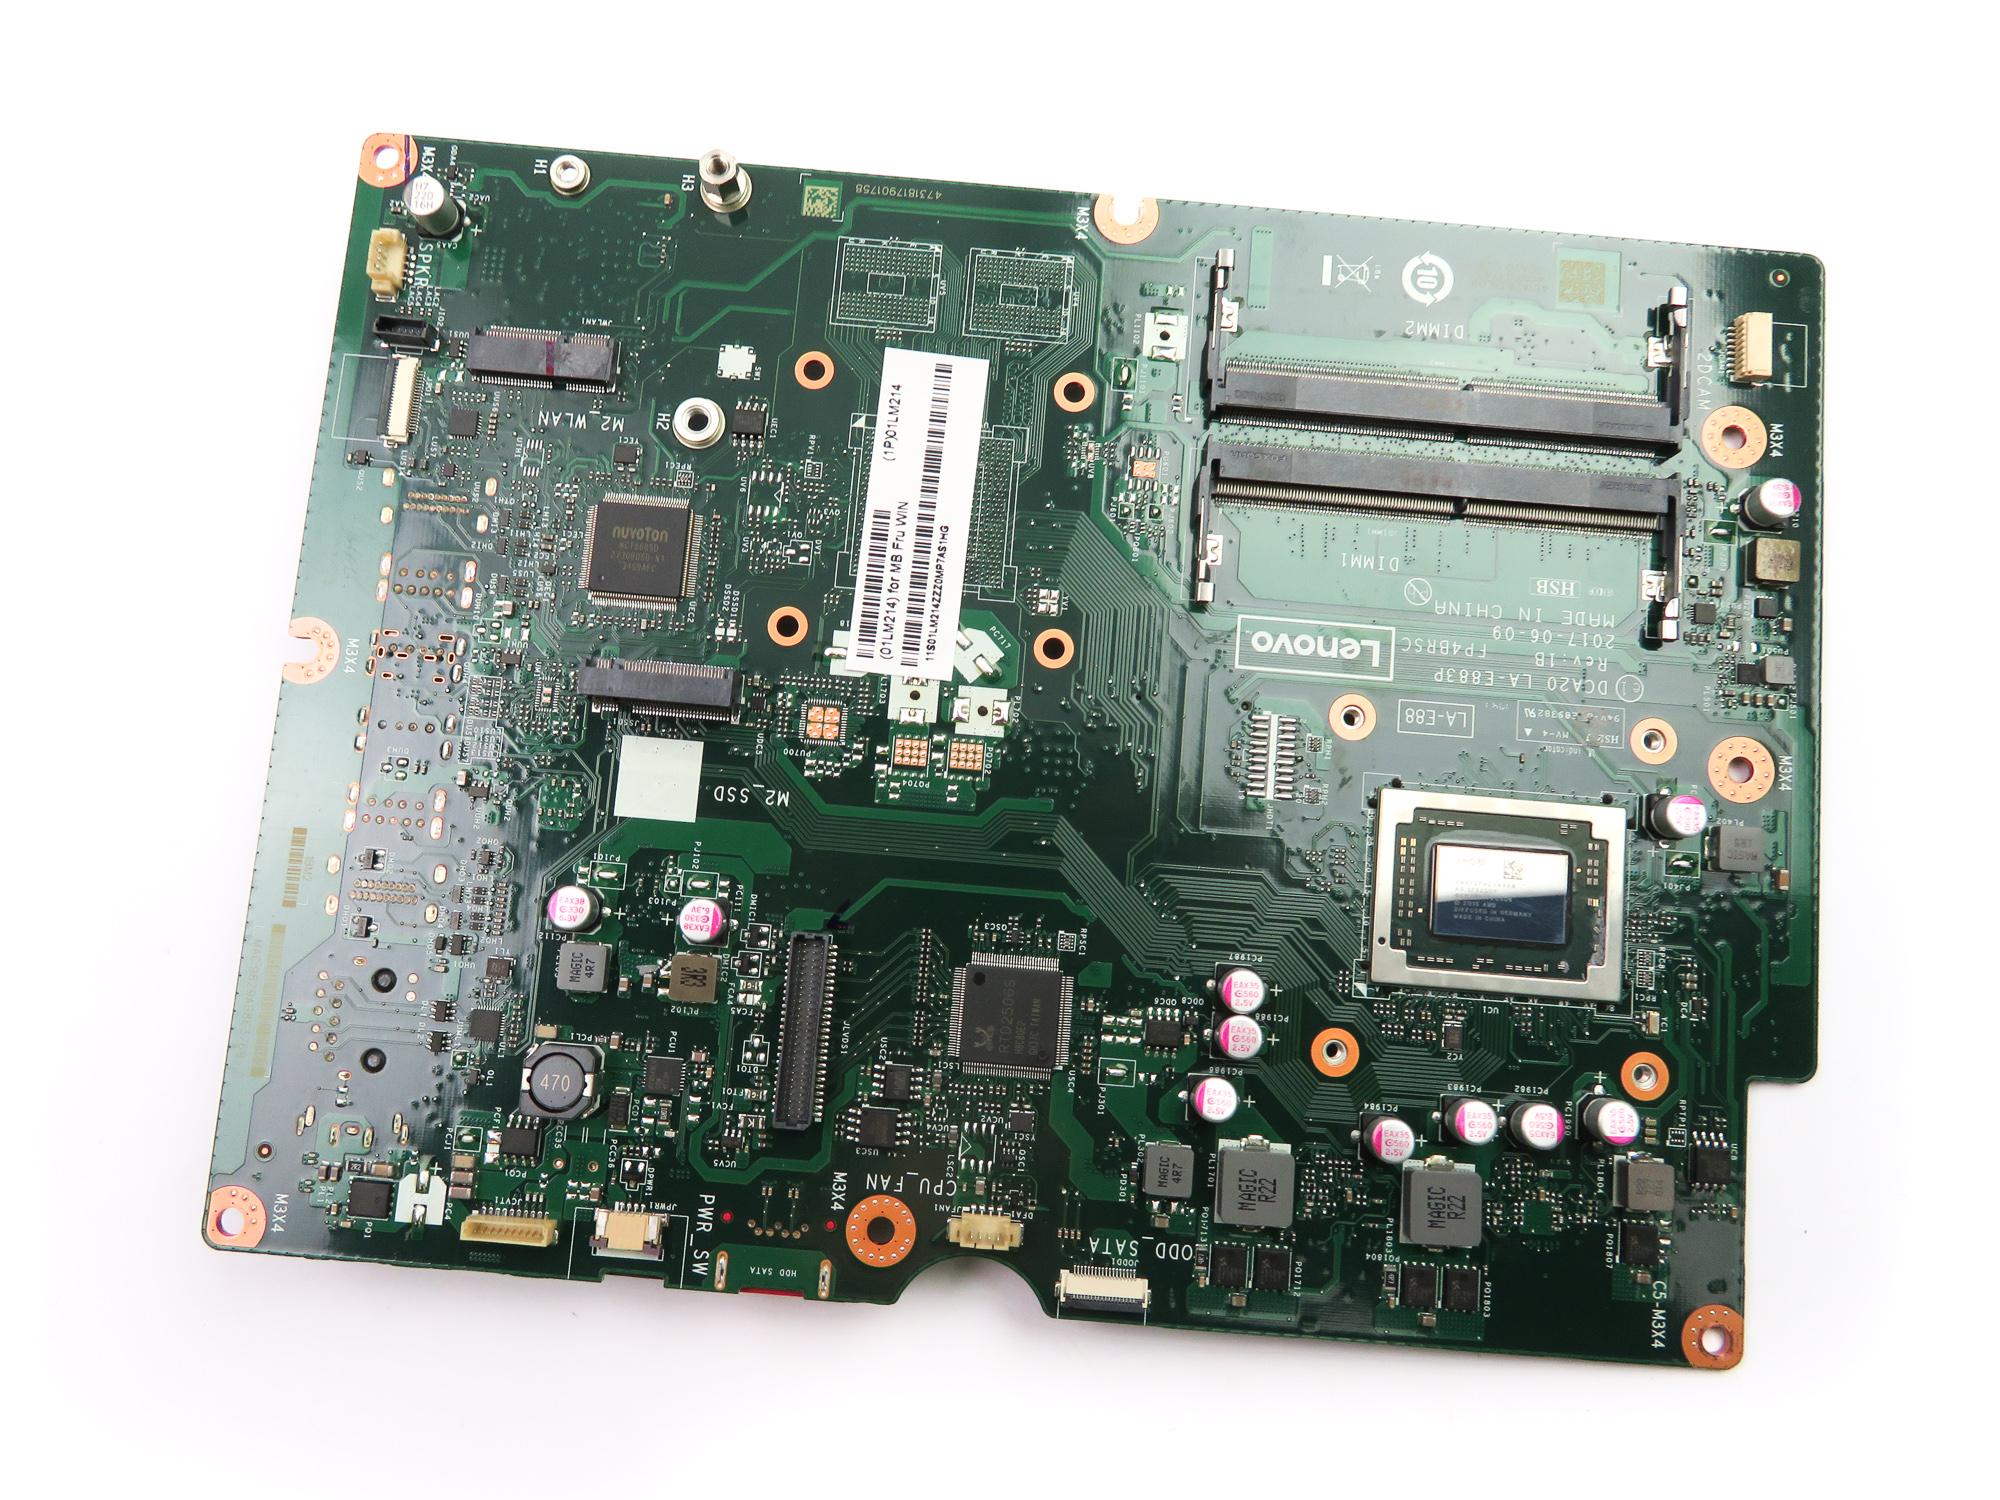 01LM214 Lenovo MotherBoard /w AMD A12 7th Gen CPU /f Ideacentre 520 AIO PC